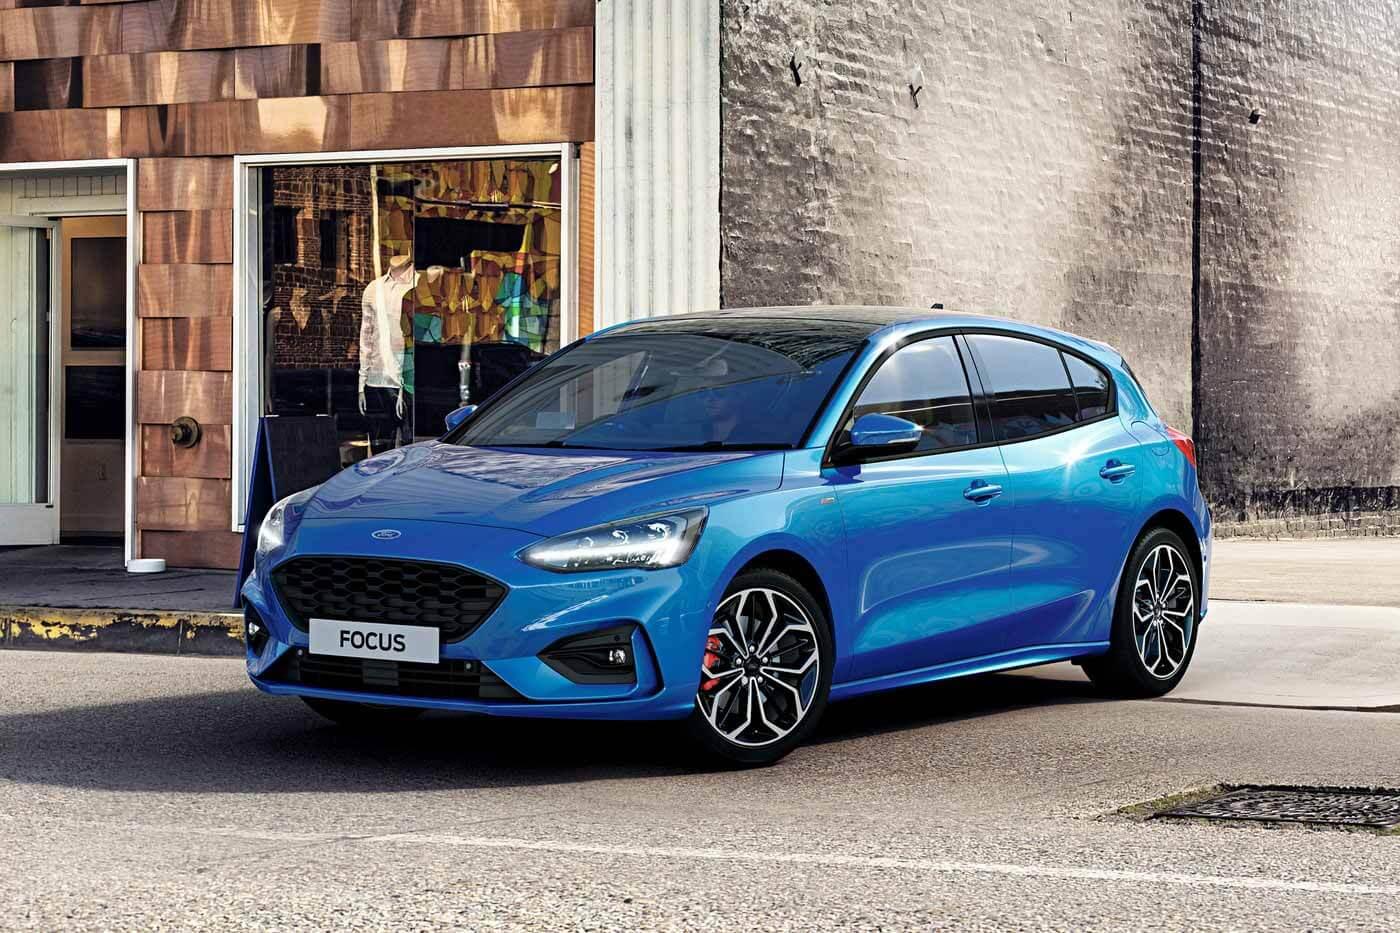 Новинки для Ford Focus: двигатель мощностью 155 л.с. и цифровые устройства